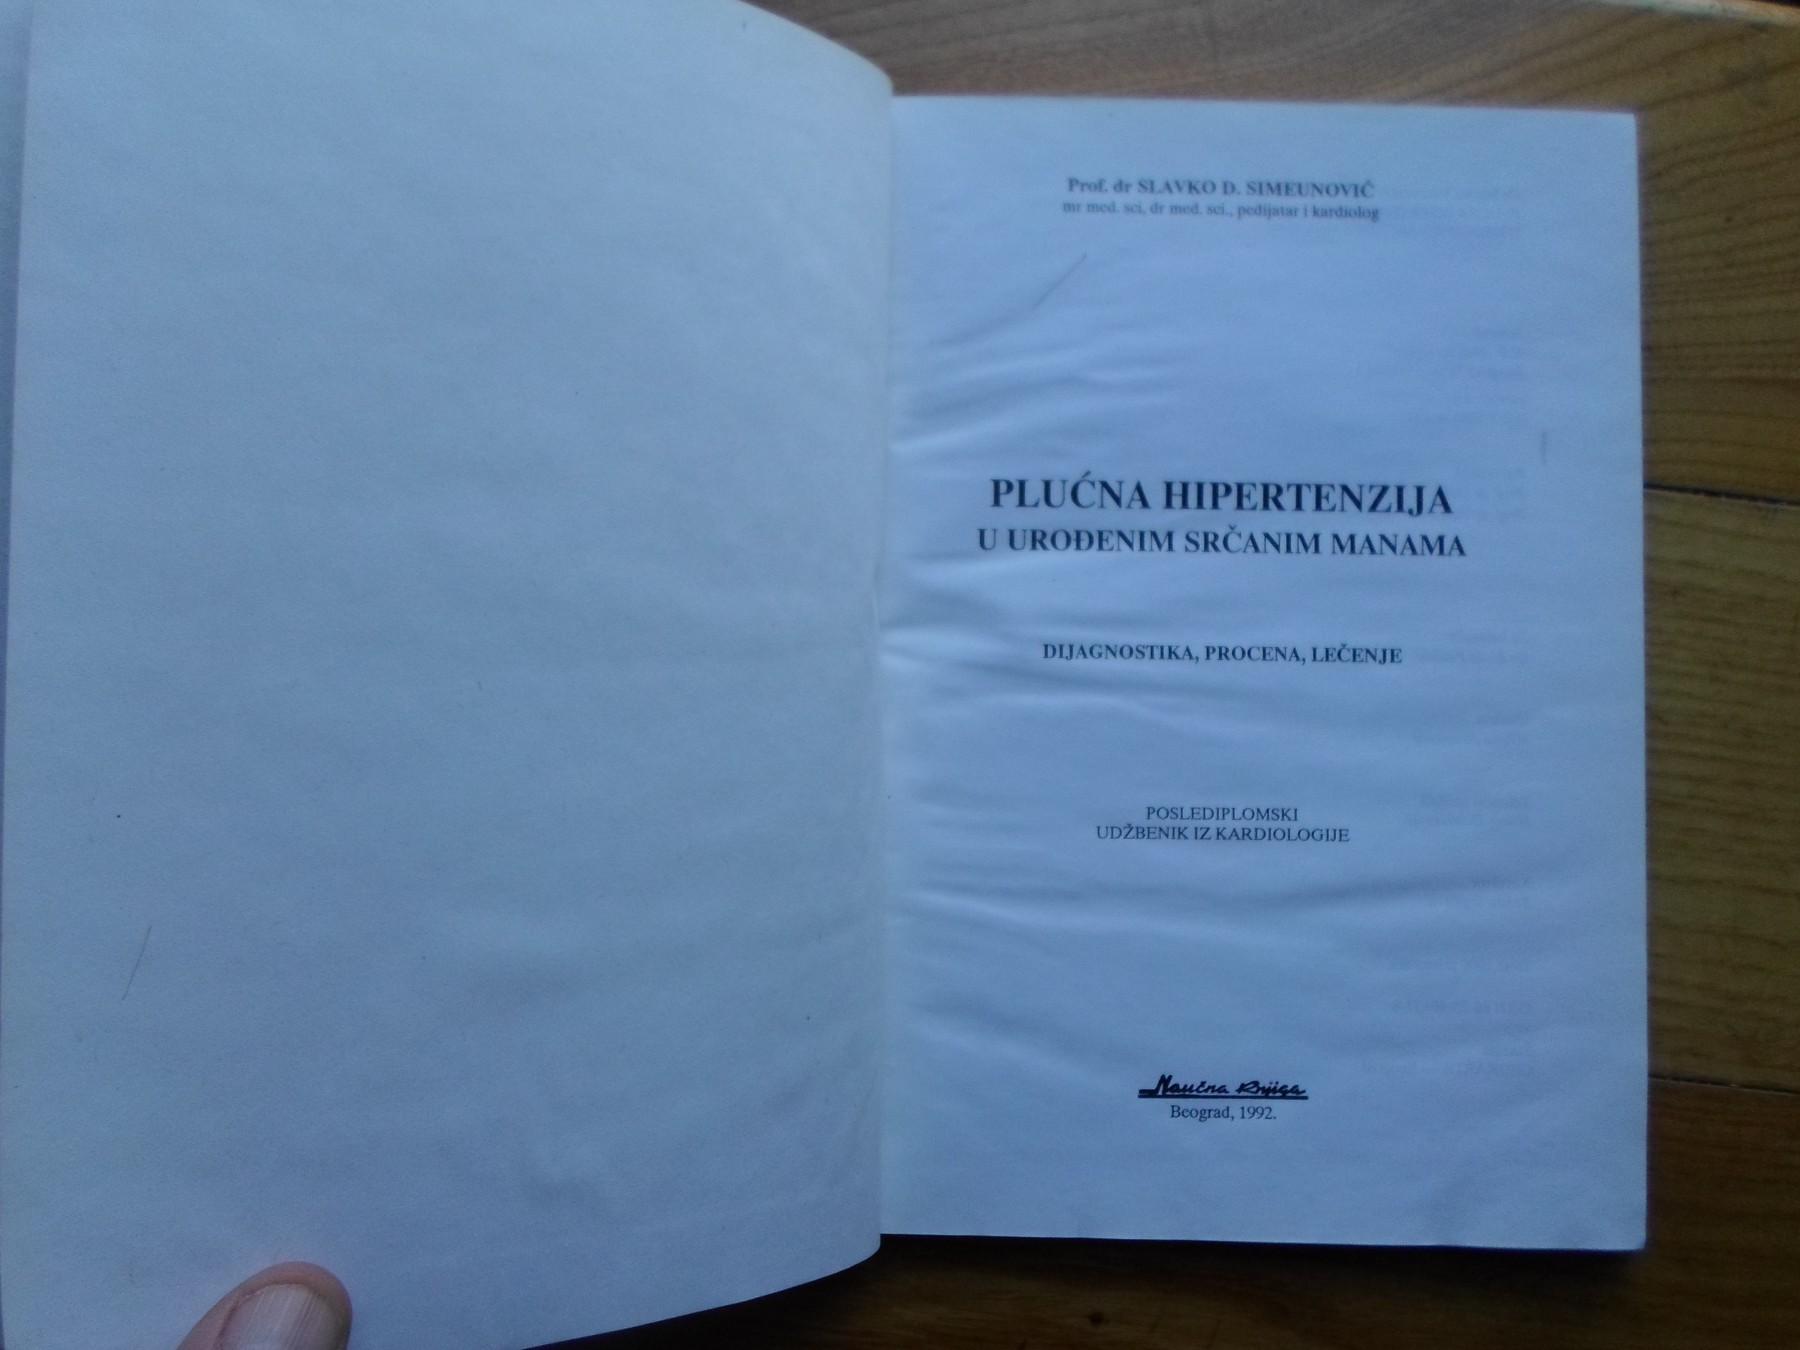 bez knjiga hipertenzija)